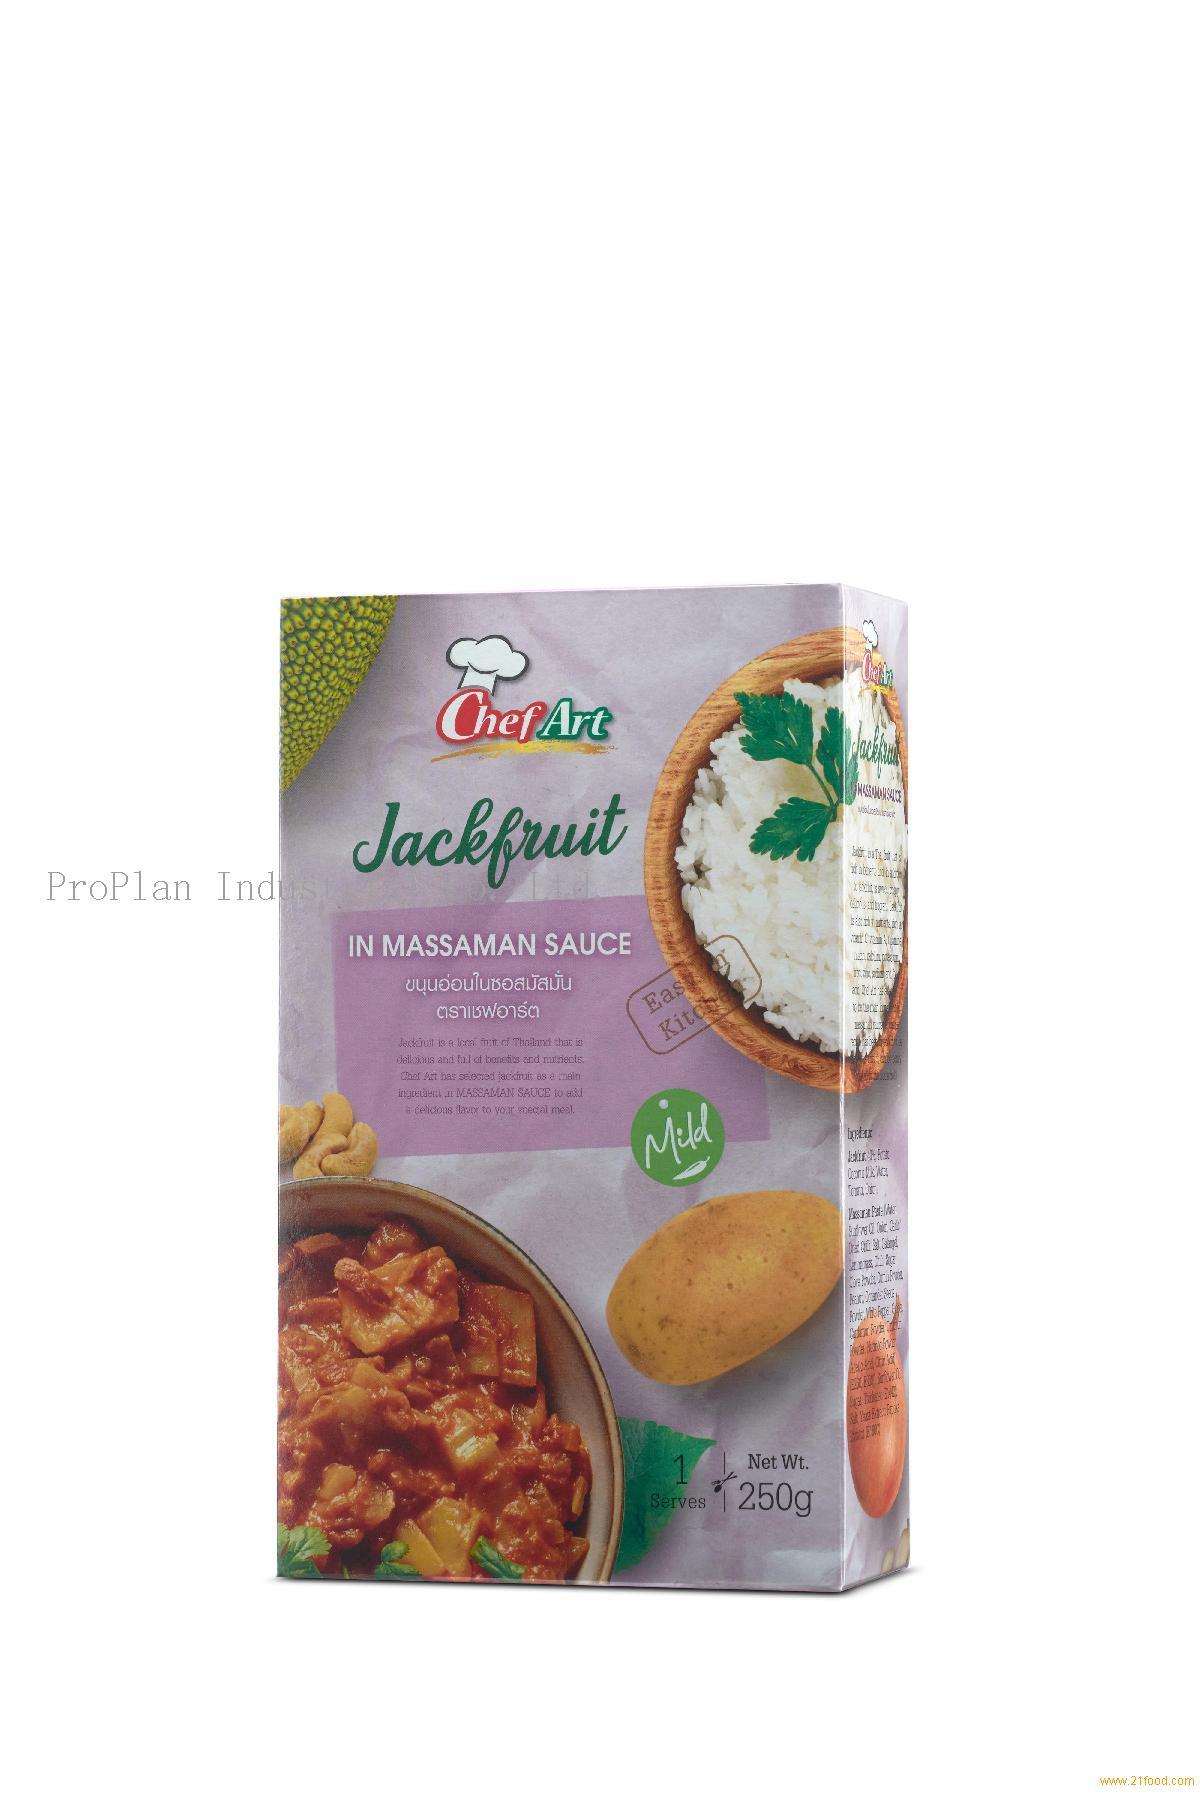 Jackfruit in Massaman